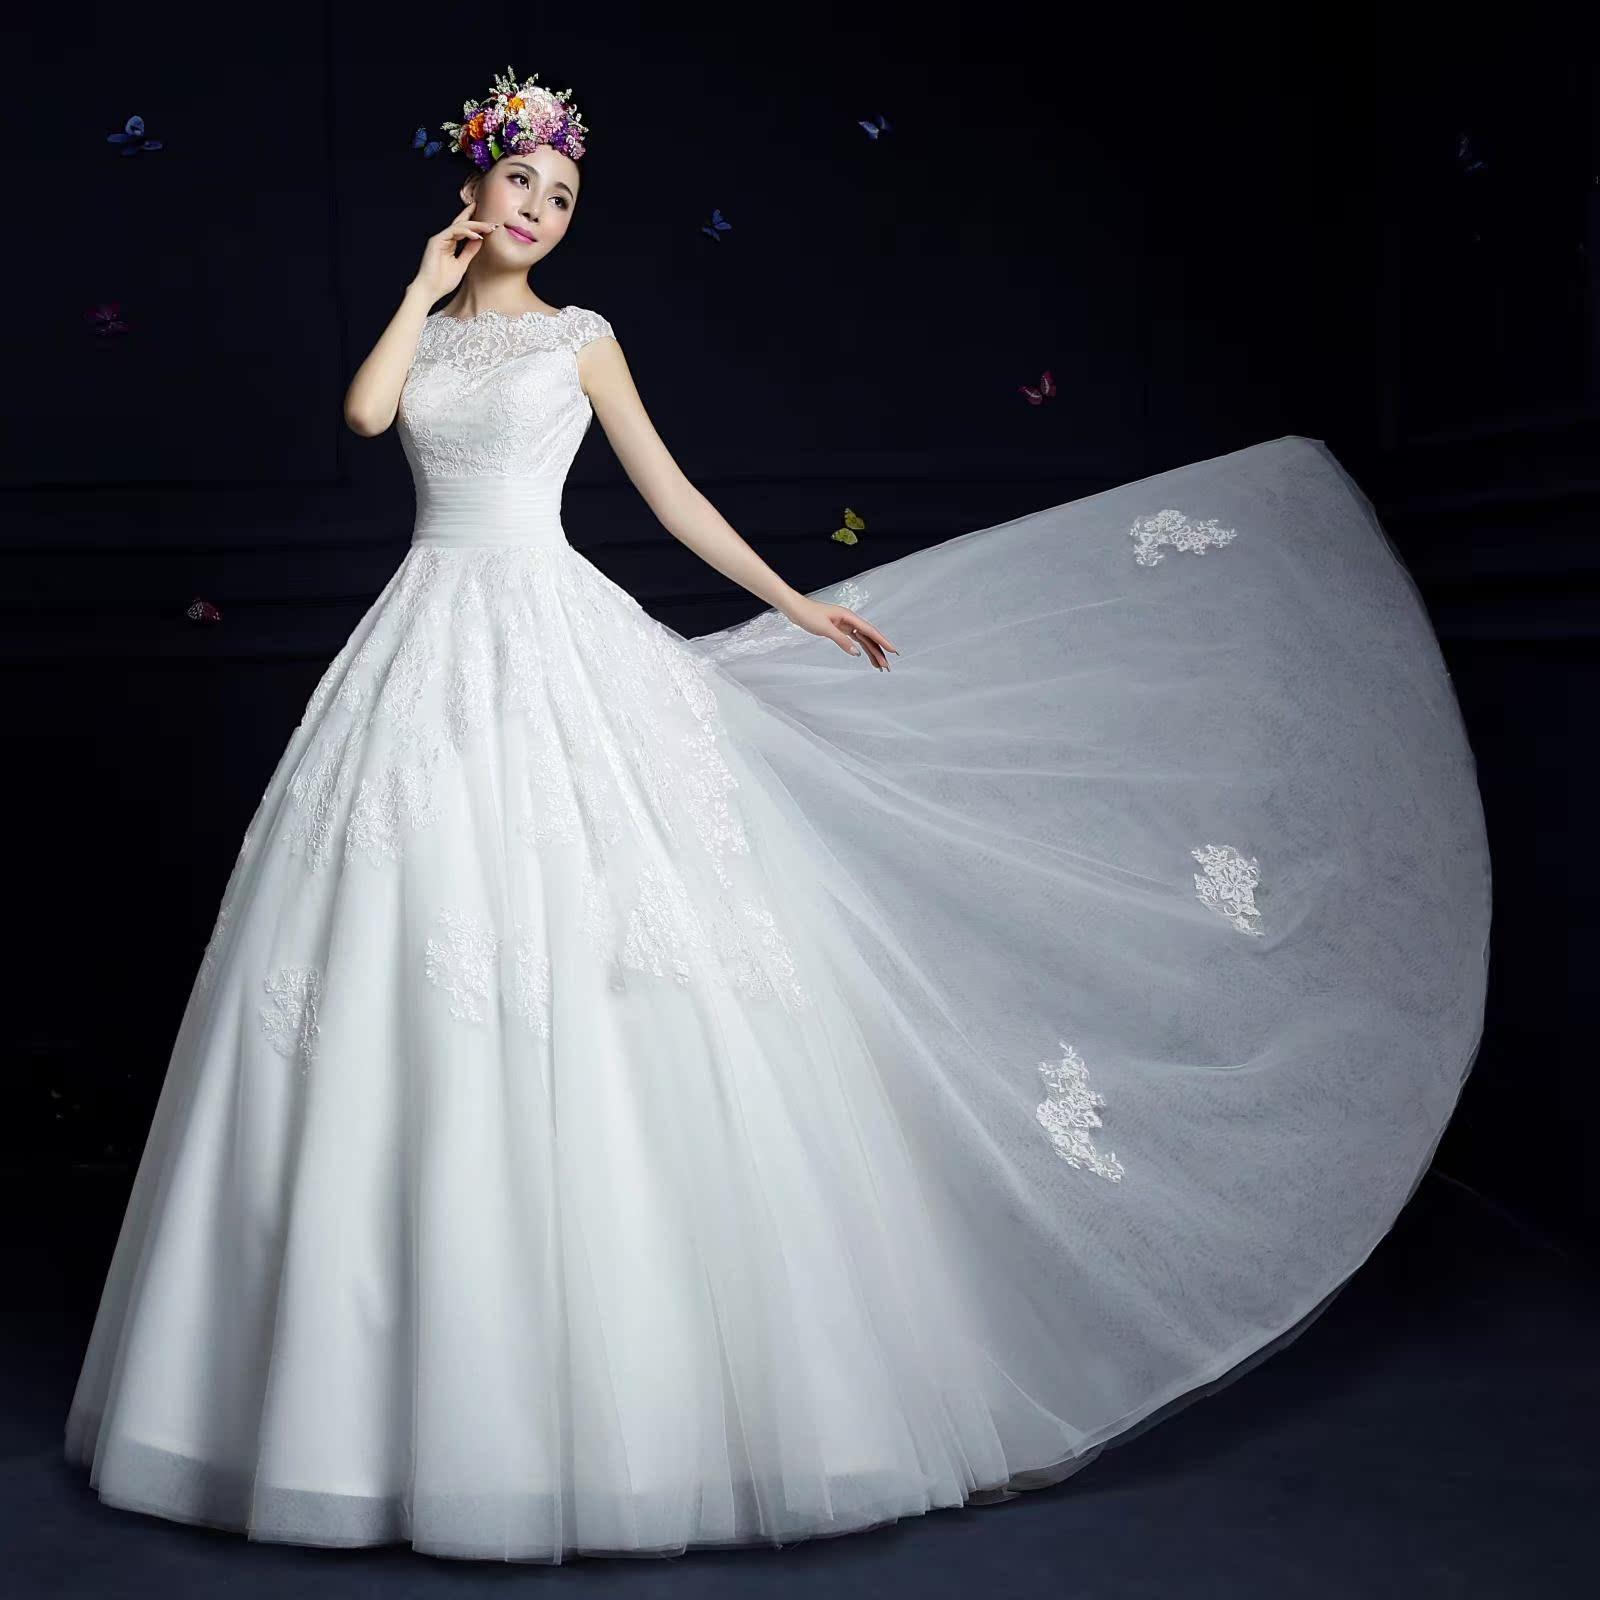 China Bridal Dress Pregnant, China Bridal Dress Pregnant Shopping ...